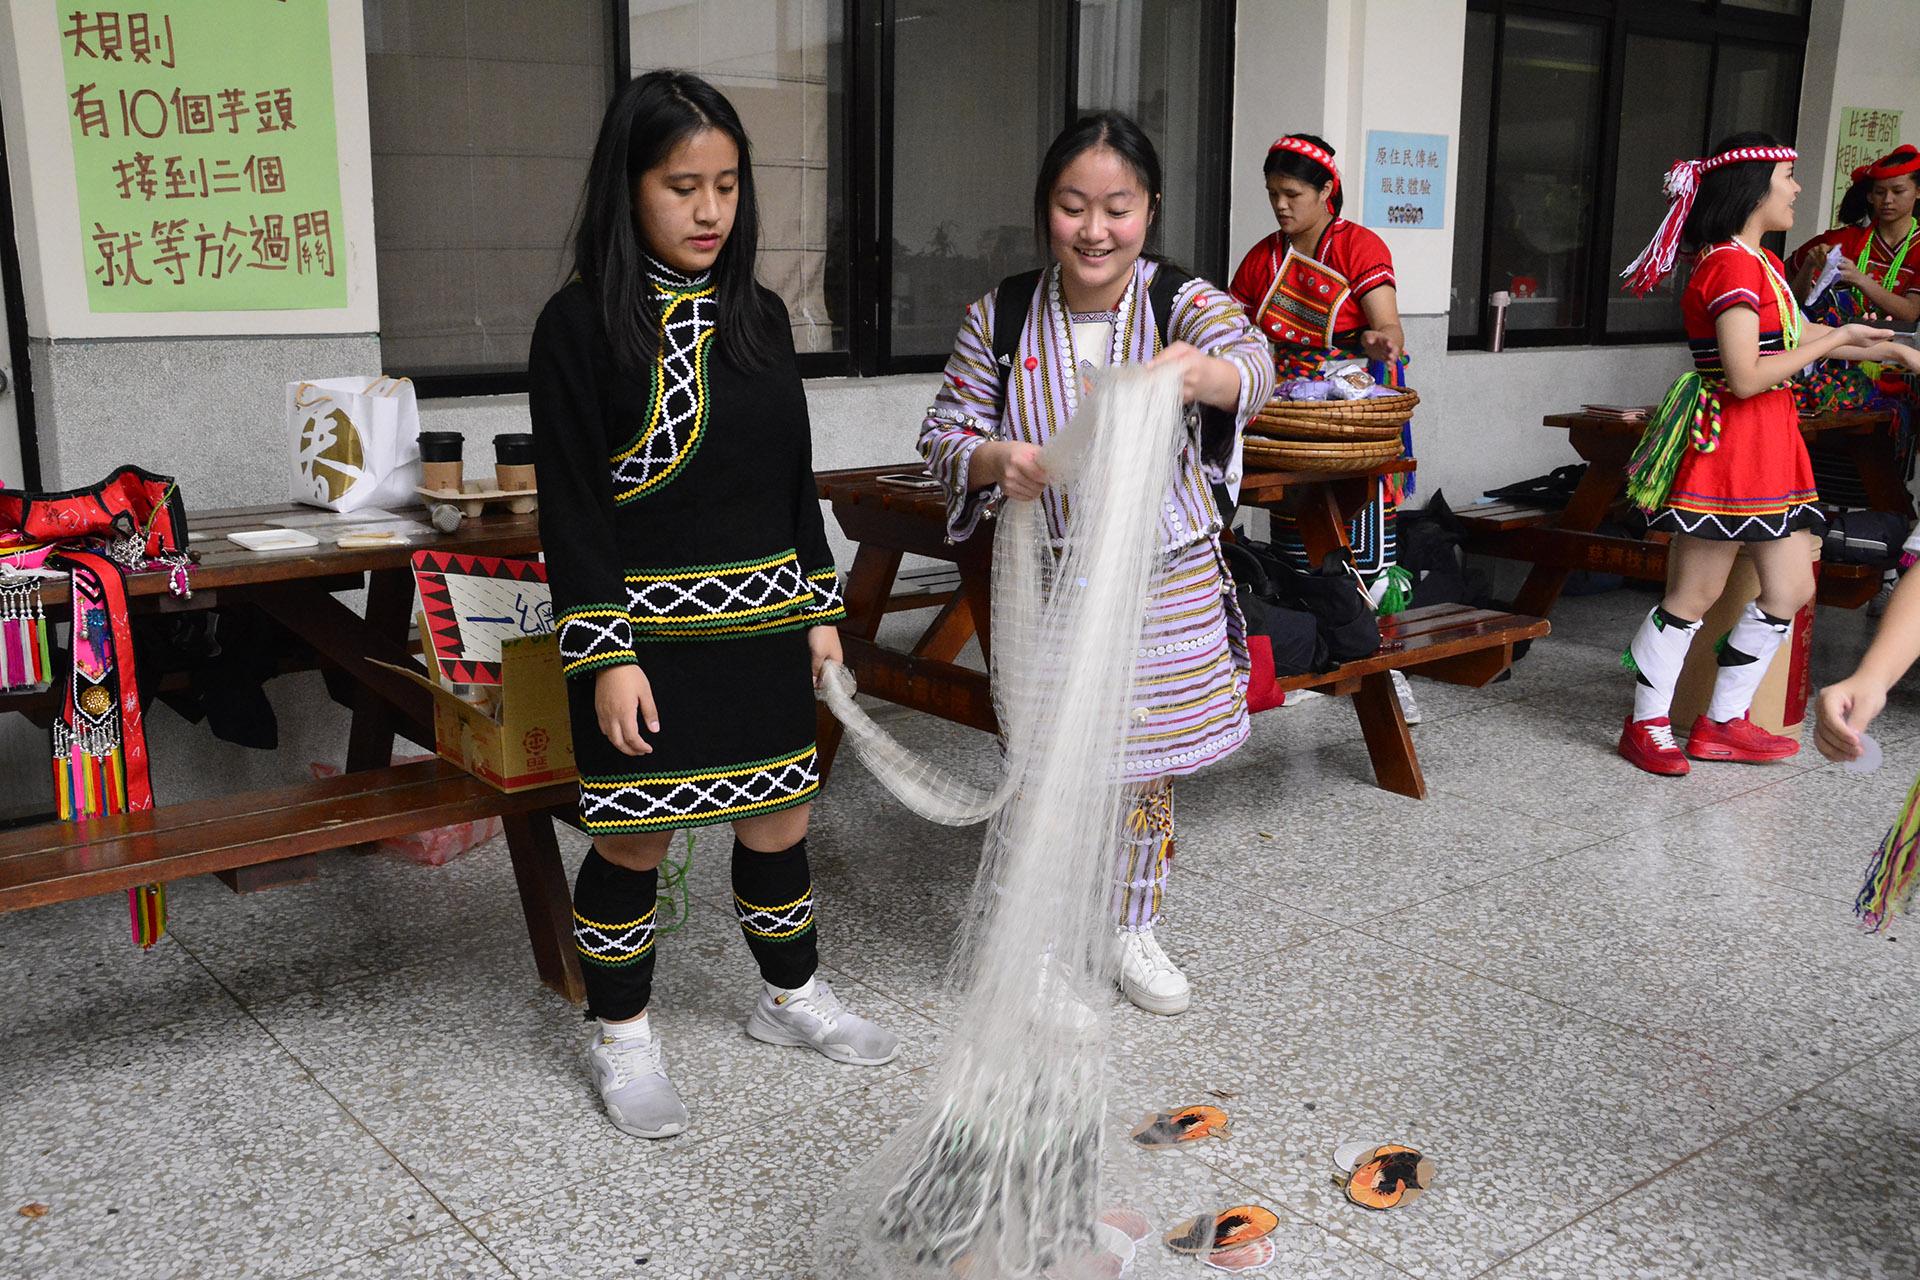 學校舉辦許多原住民活動,展現族群文化。